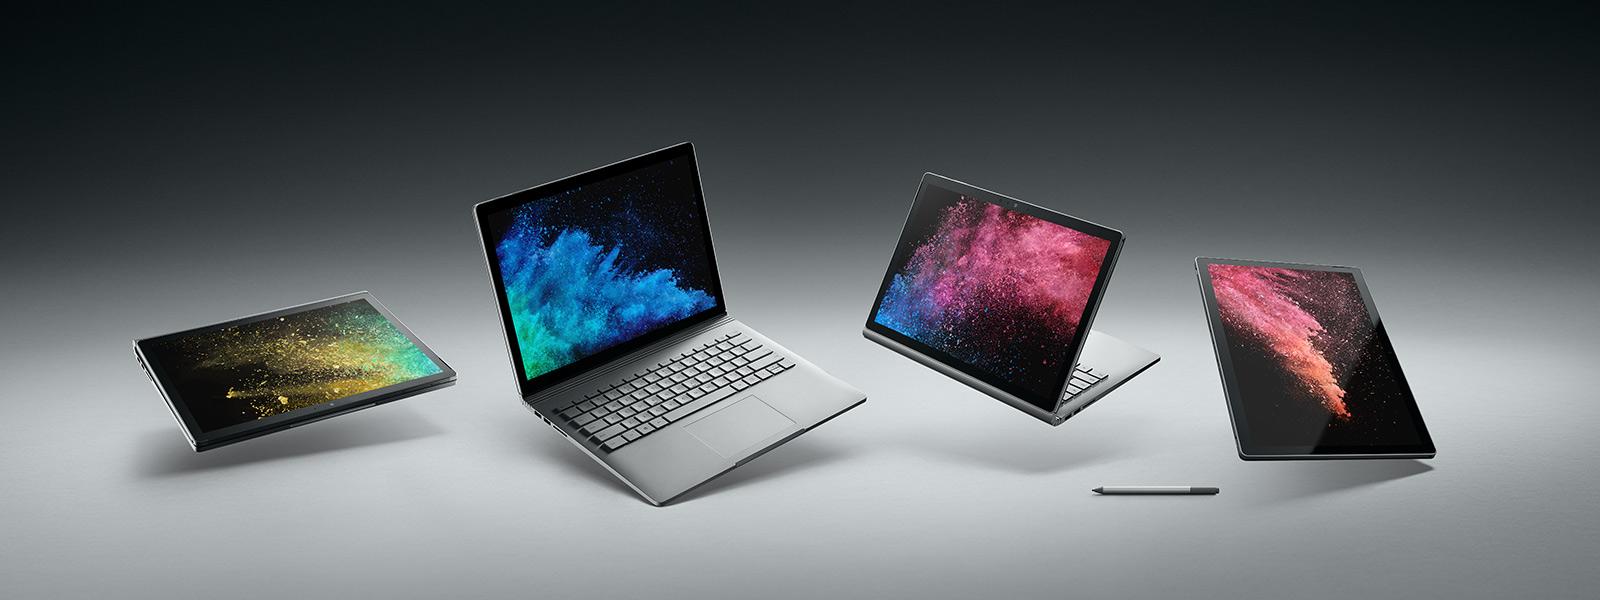 Surface Book 2 ditunjukkan dalam mod yang berbeza dengan Pen Surface.